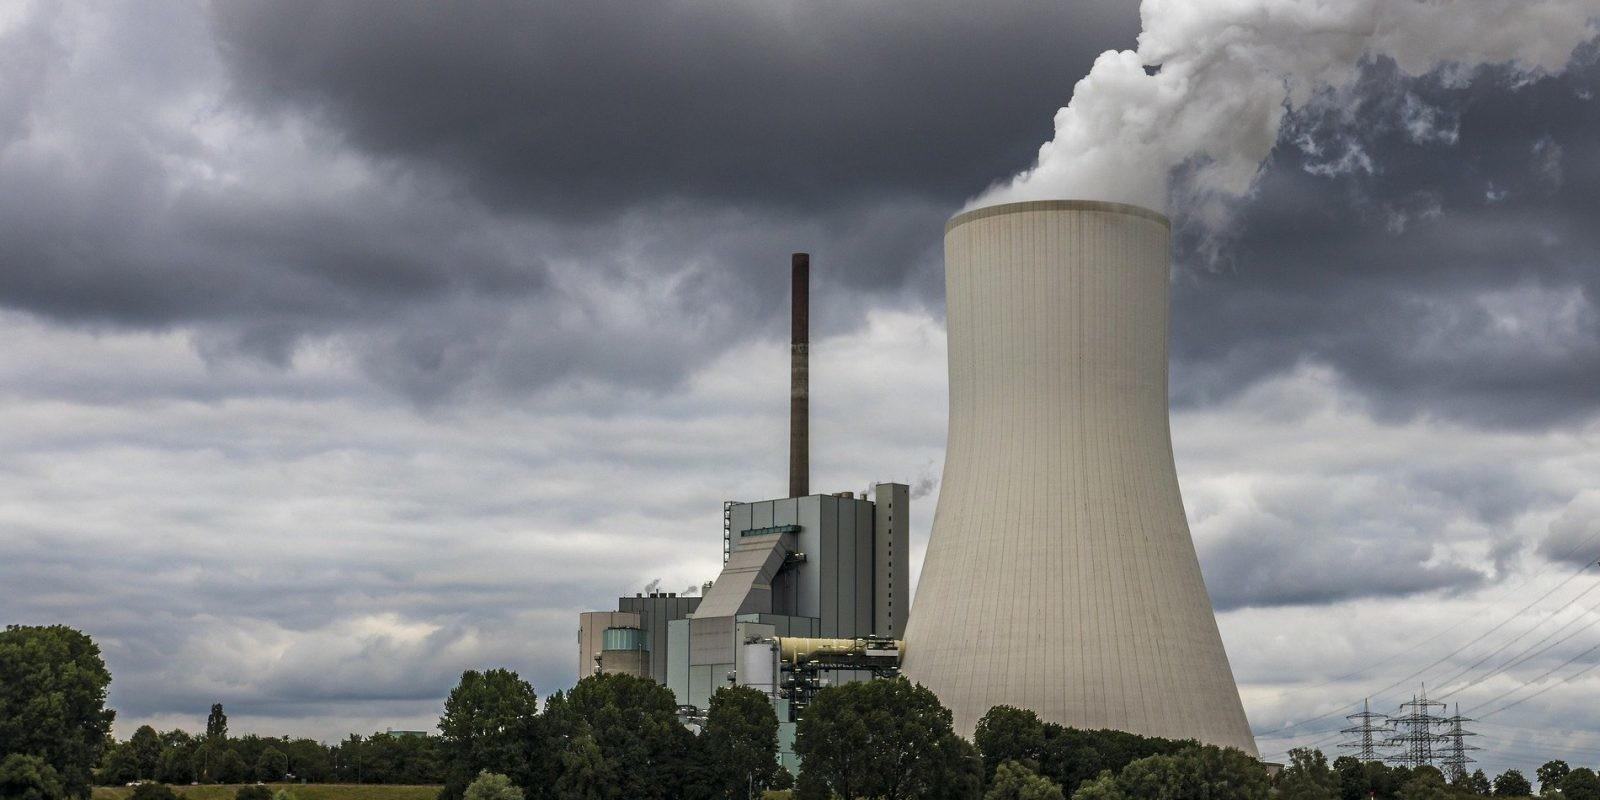 EGEB: Poland's largest utility wants to dump coal - Electrek